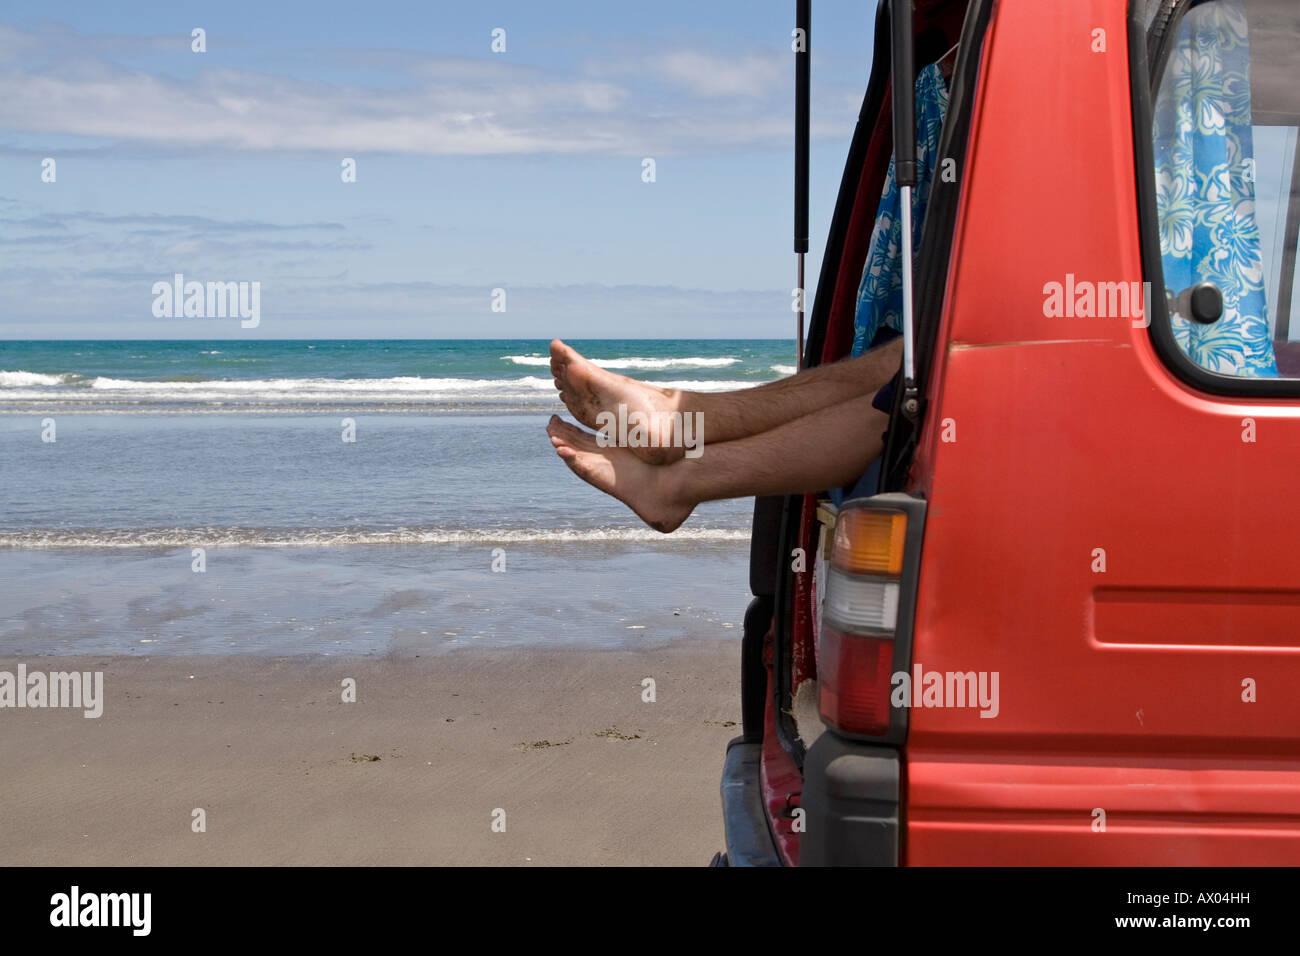 Nackte Füße Herausragen Boot Rot Wohnmobil Am Strand Stockfoto Bild